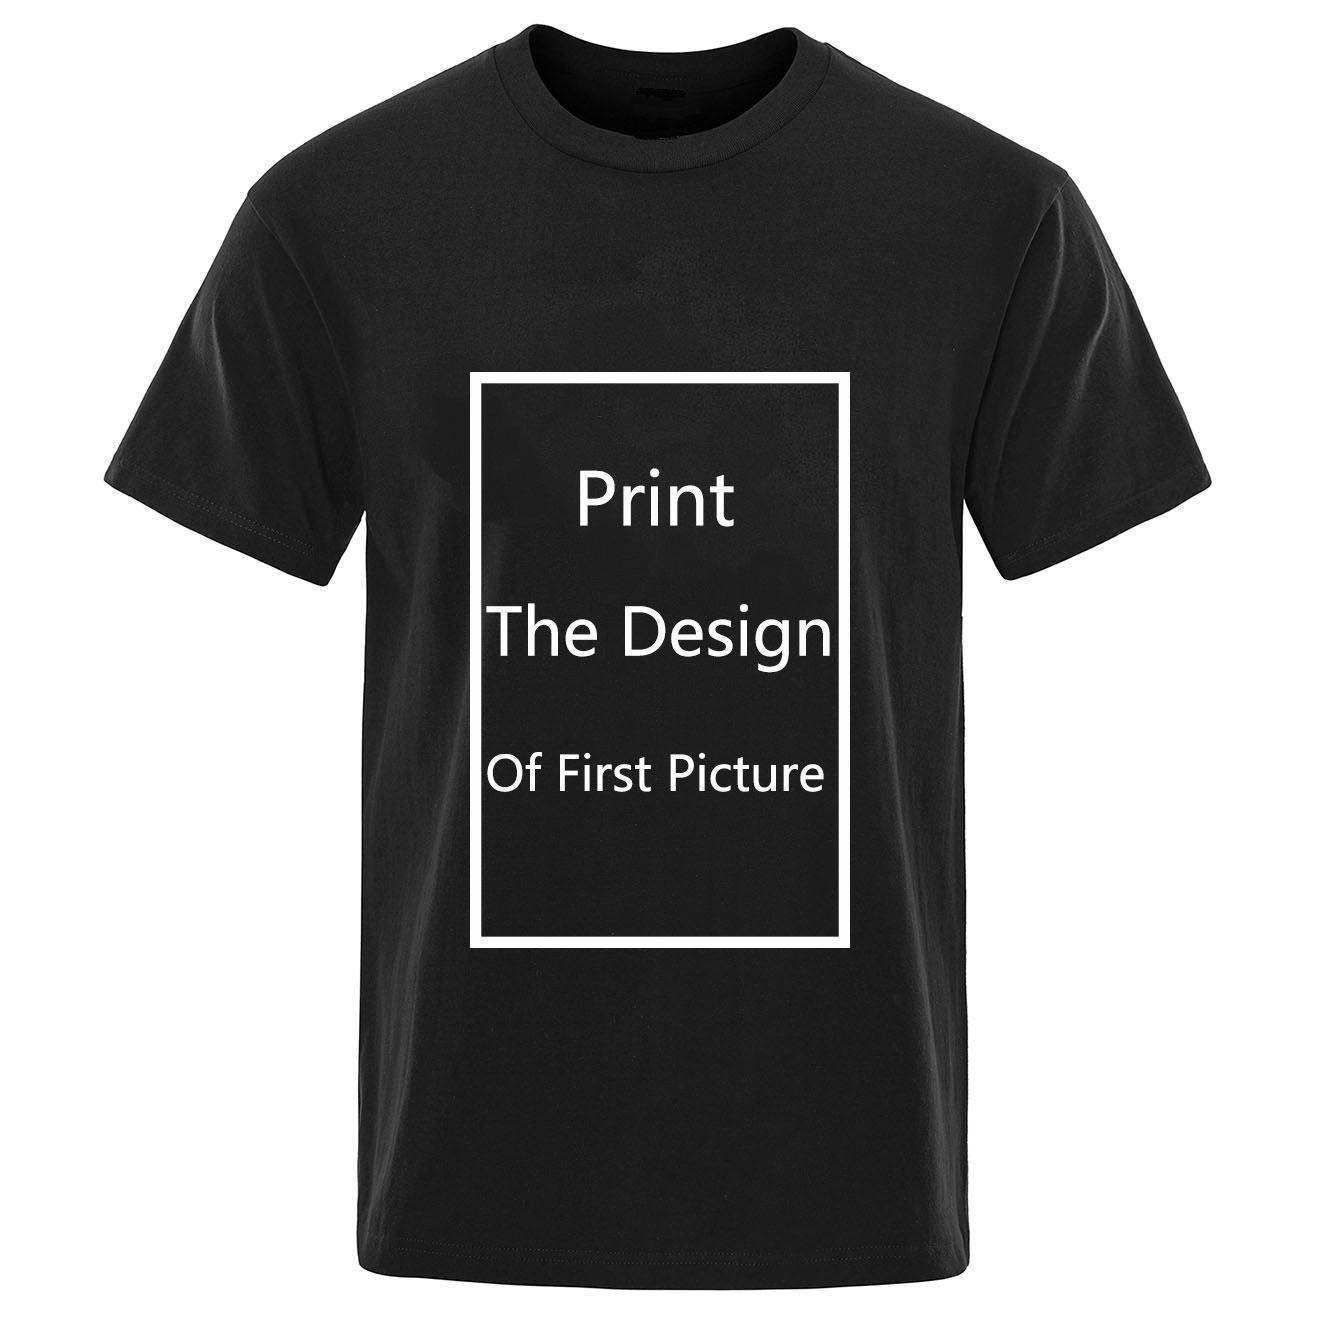 AI Intelligence artificielle Hommes T-shirt de cerveau graphique 100% coton science et de la technologie T-shirt drôle hip hop streetwear Hipster